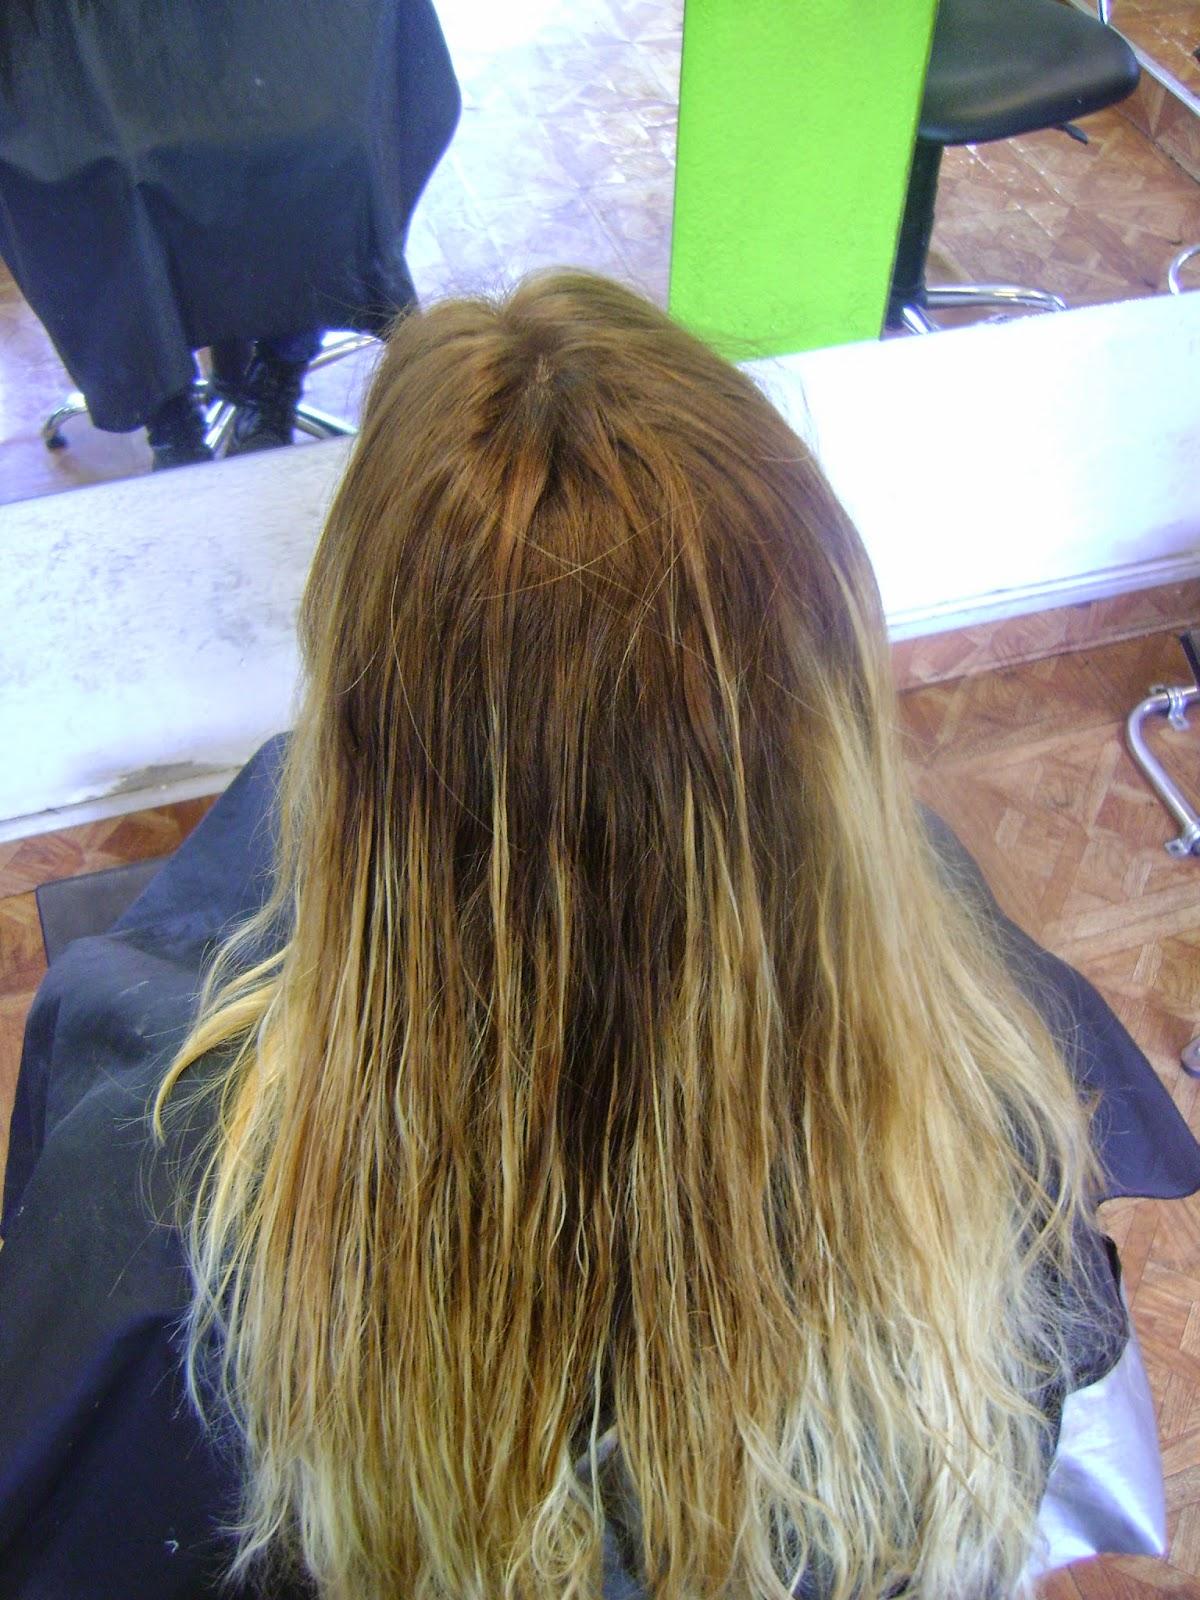 mal hecho tuvimos que recuperar el cabello con un Tratamiento intensivo ,Corrección de color al 90% ,sellado de pro keratin loreal 96% dejando asi un